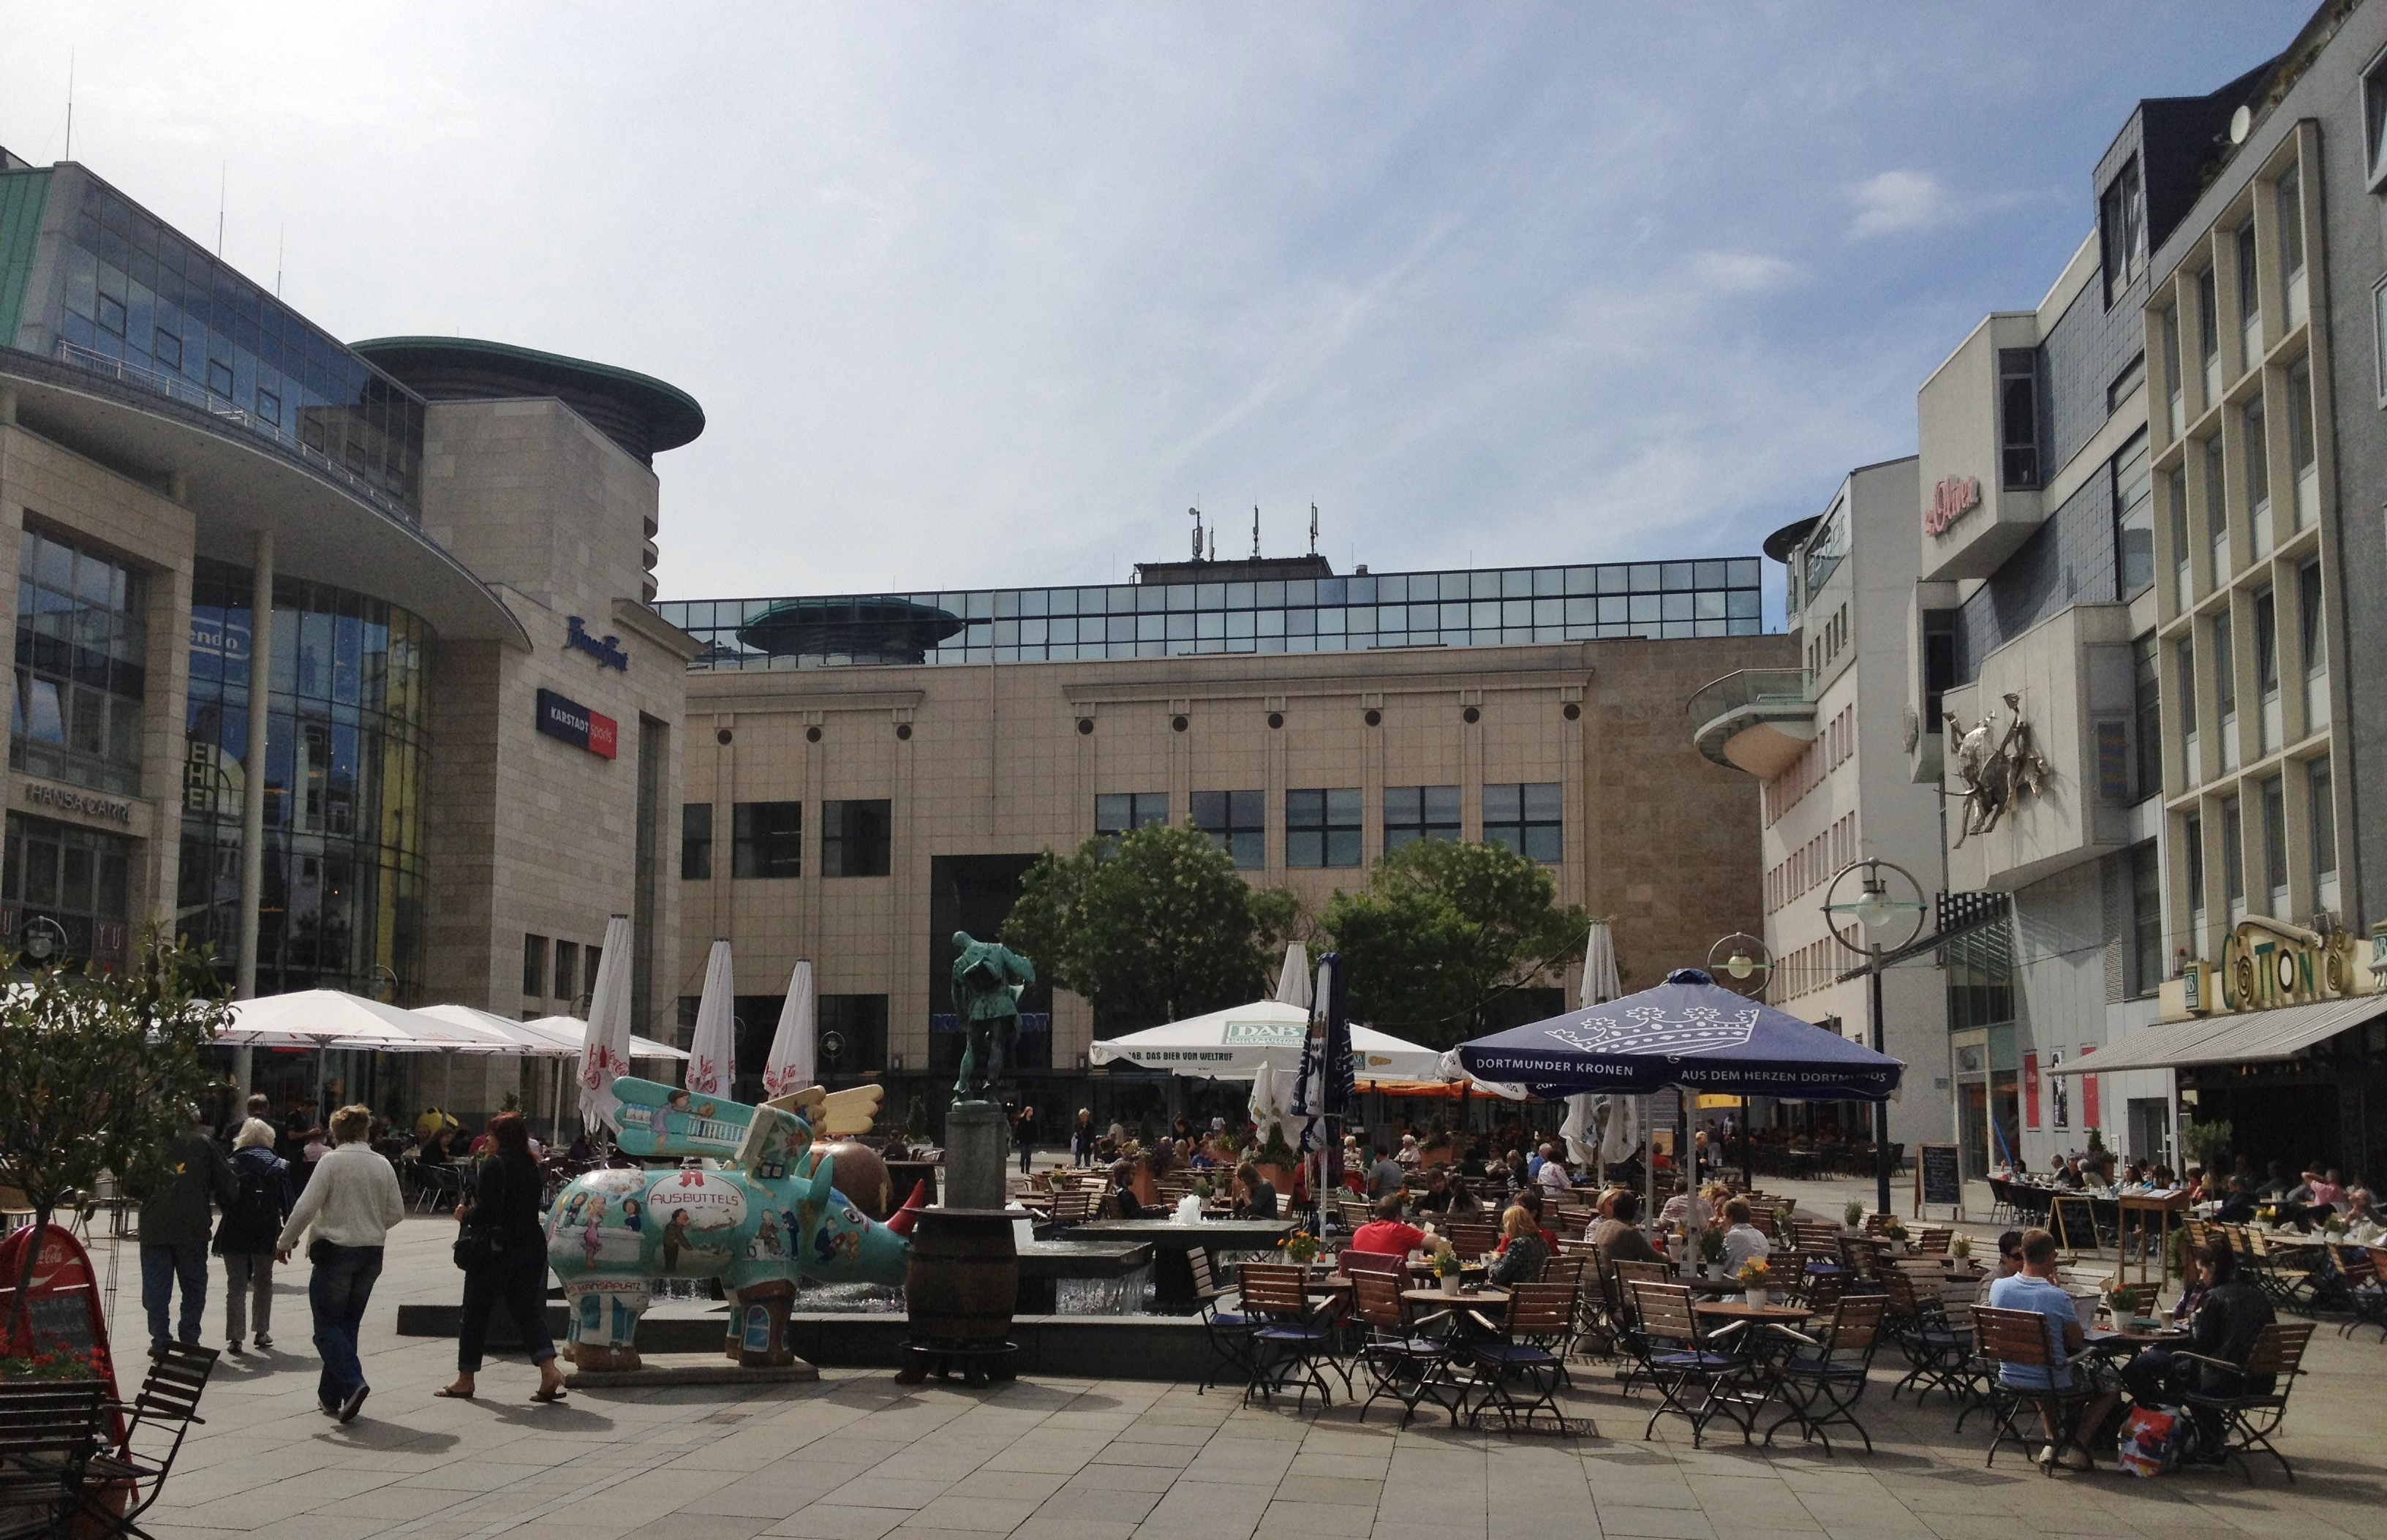 Markt Kontakte Dortmund